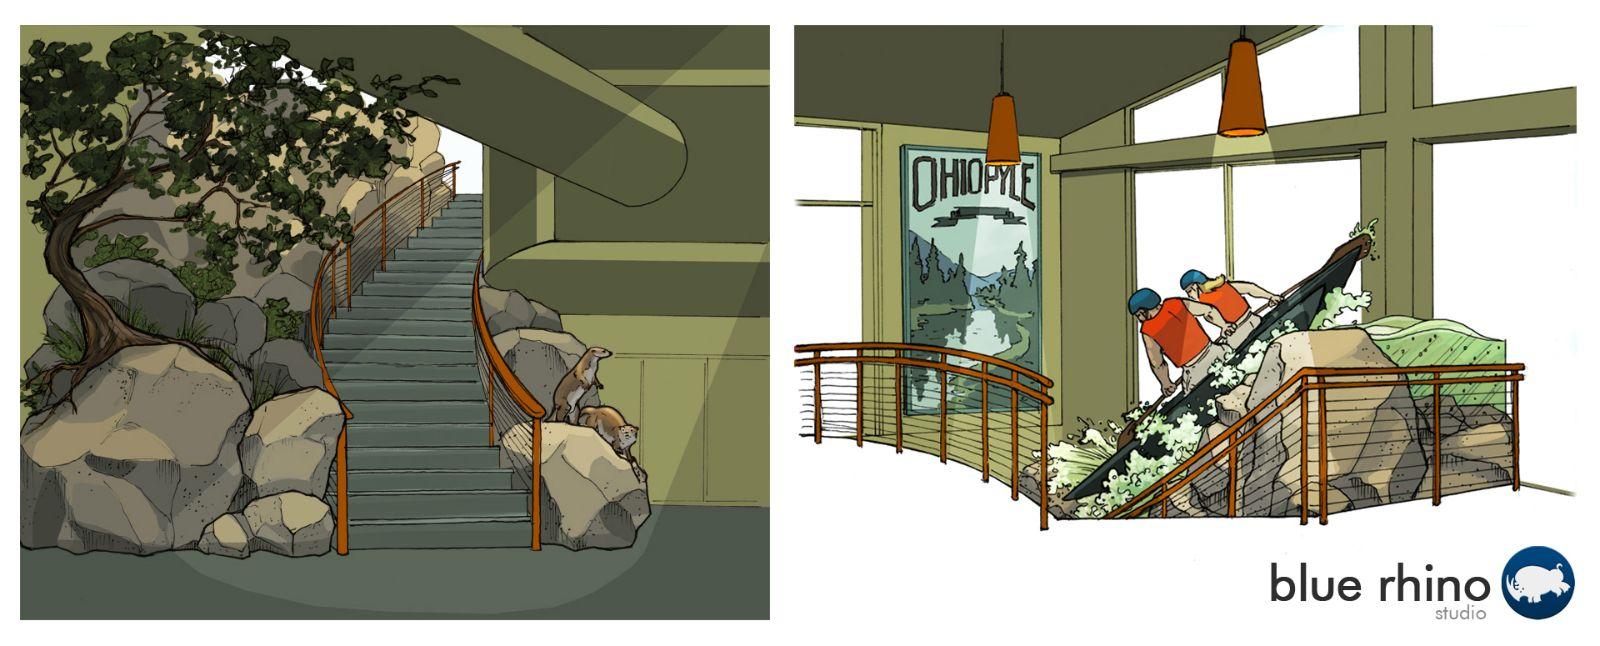 Ohiopyle Staircase Design